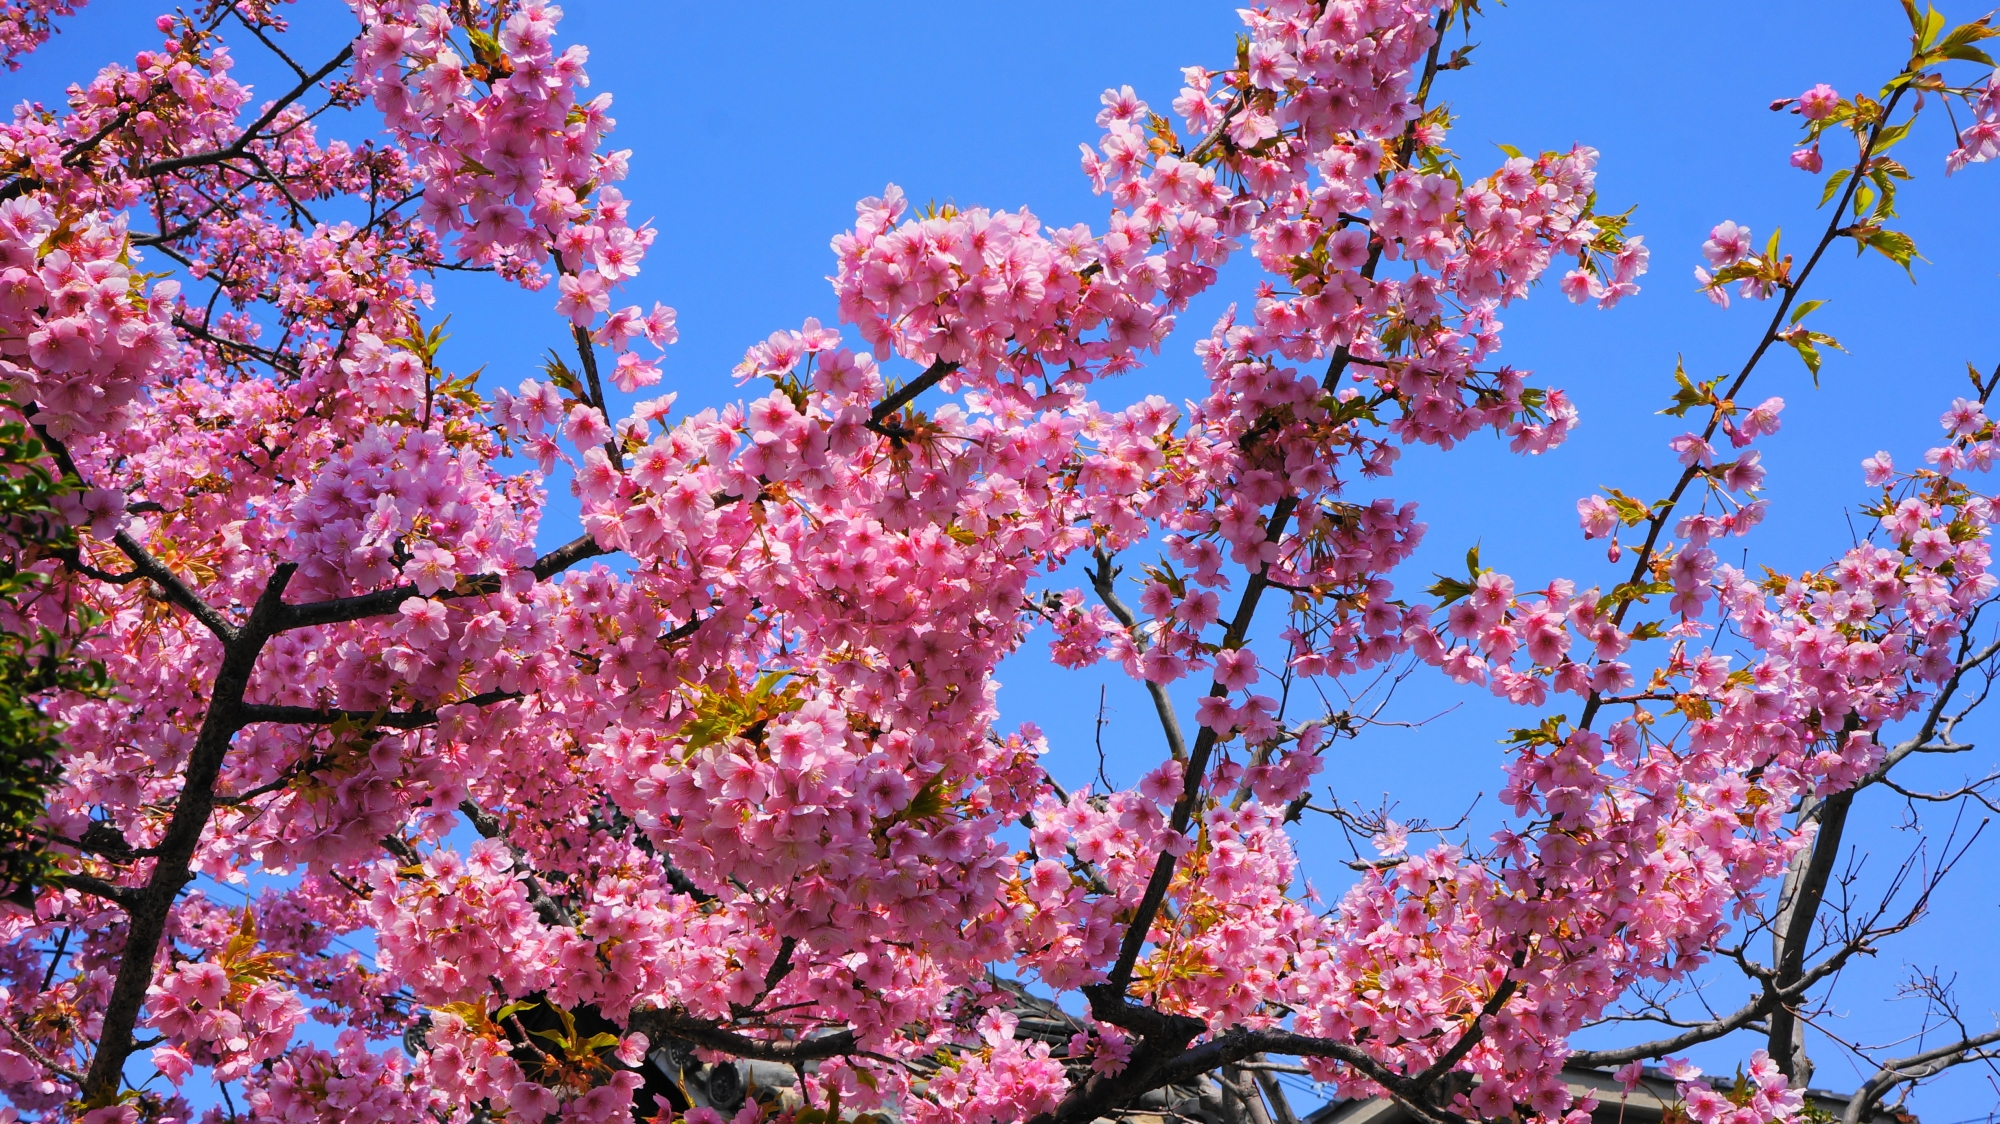 蓮光寺の素晴らしい河津桜と春の情景